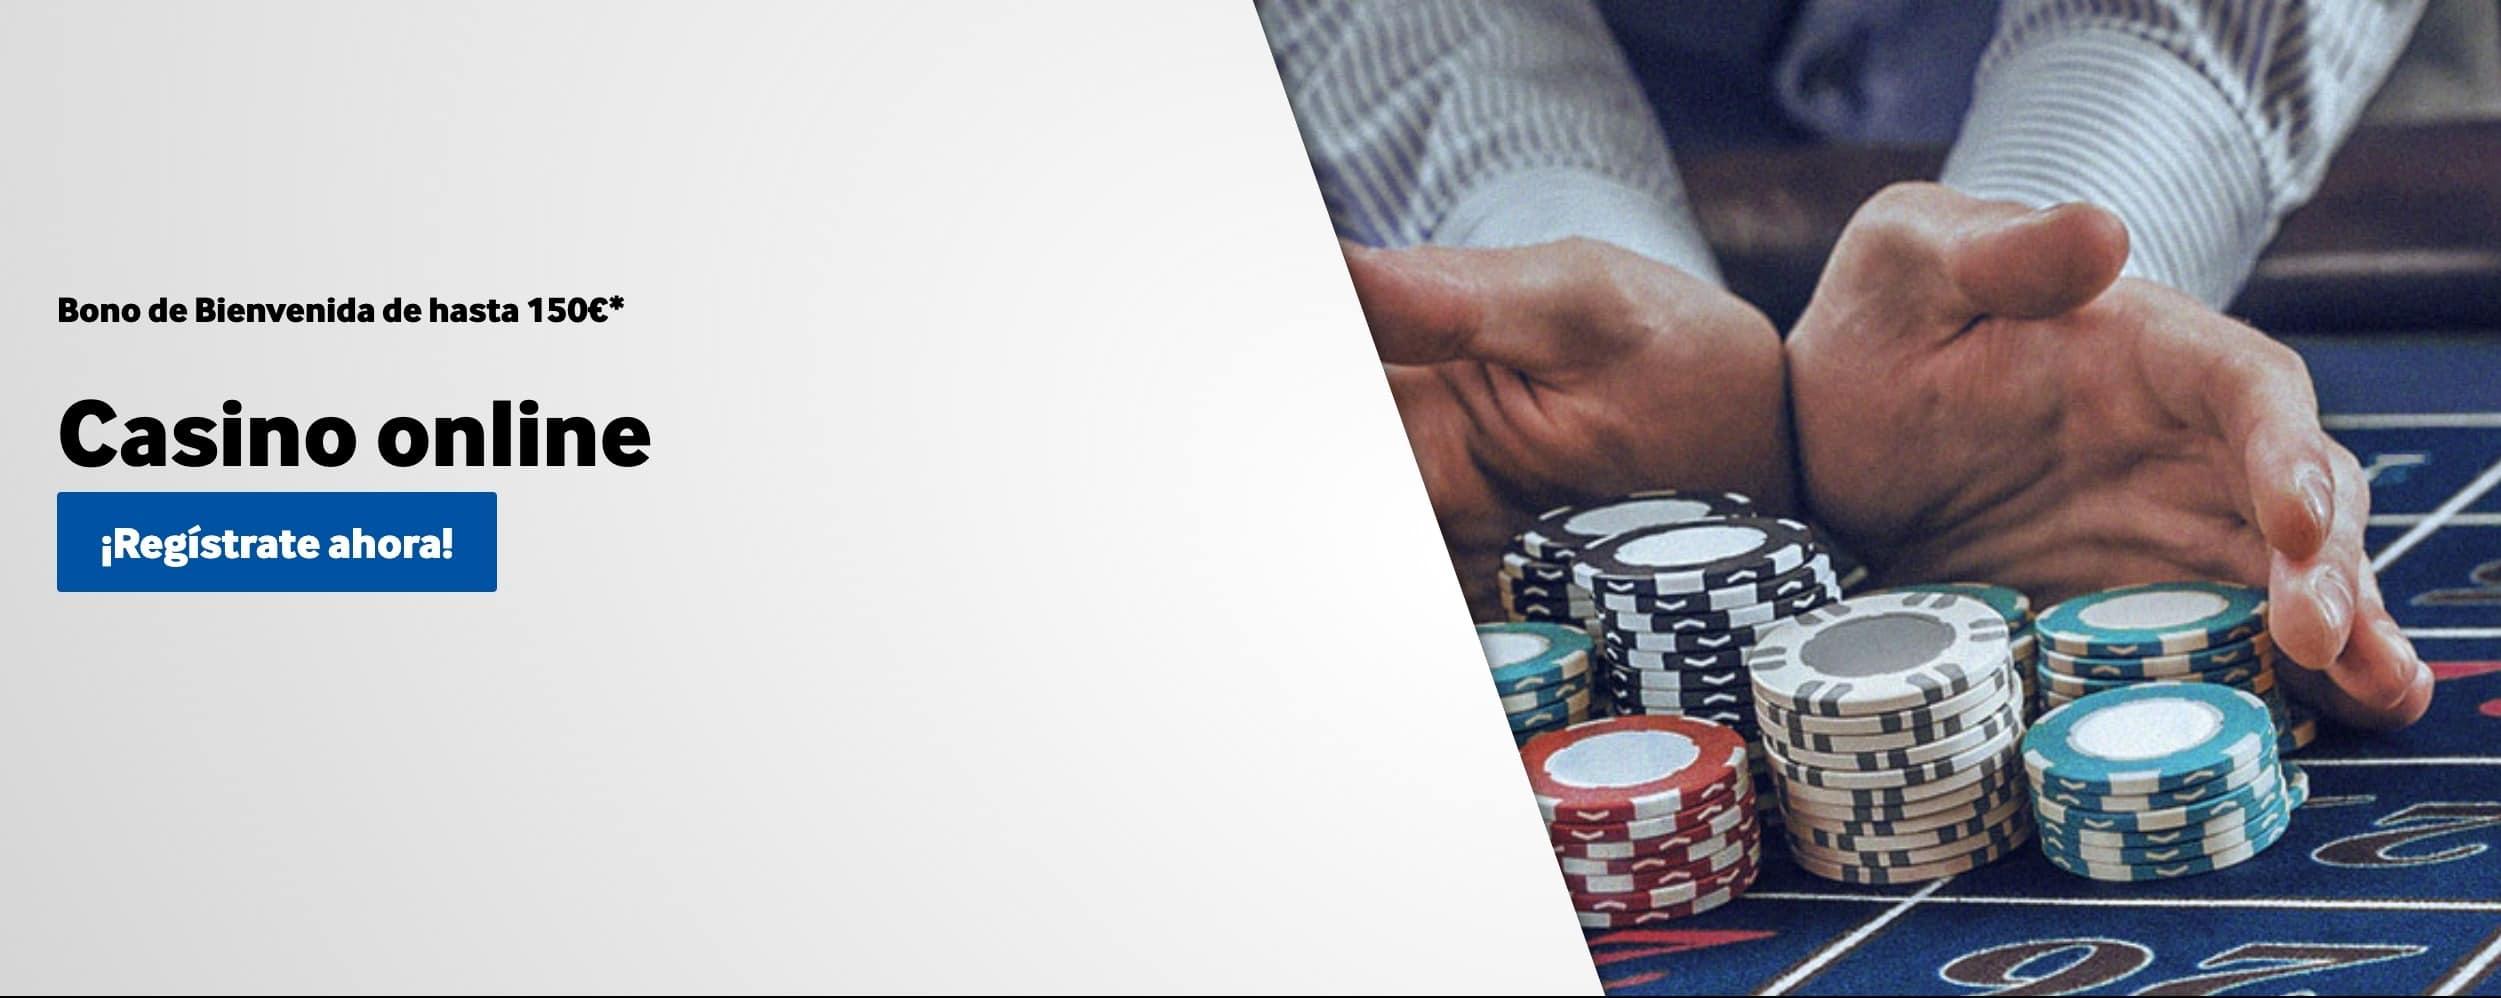 apuestas-online-betway.es-bono-bienvenida-casino